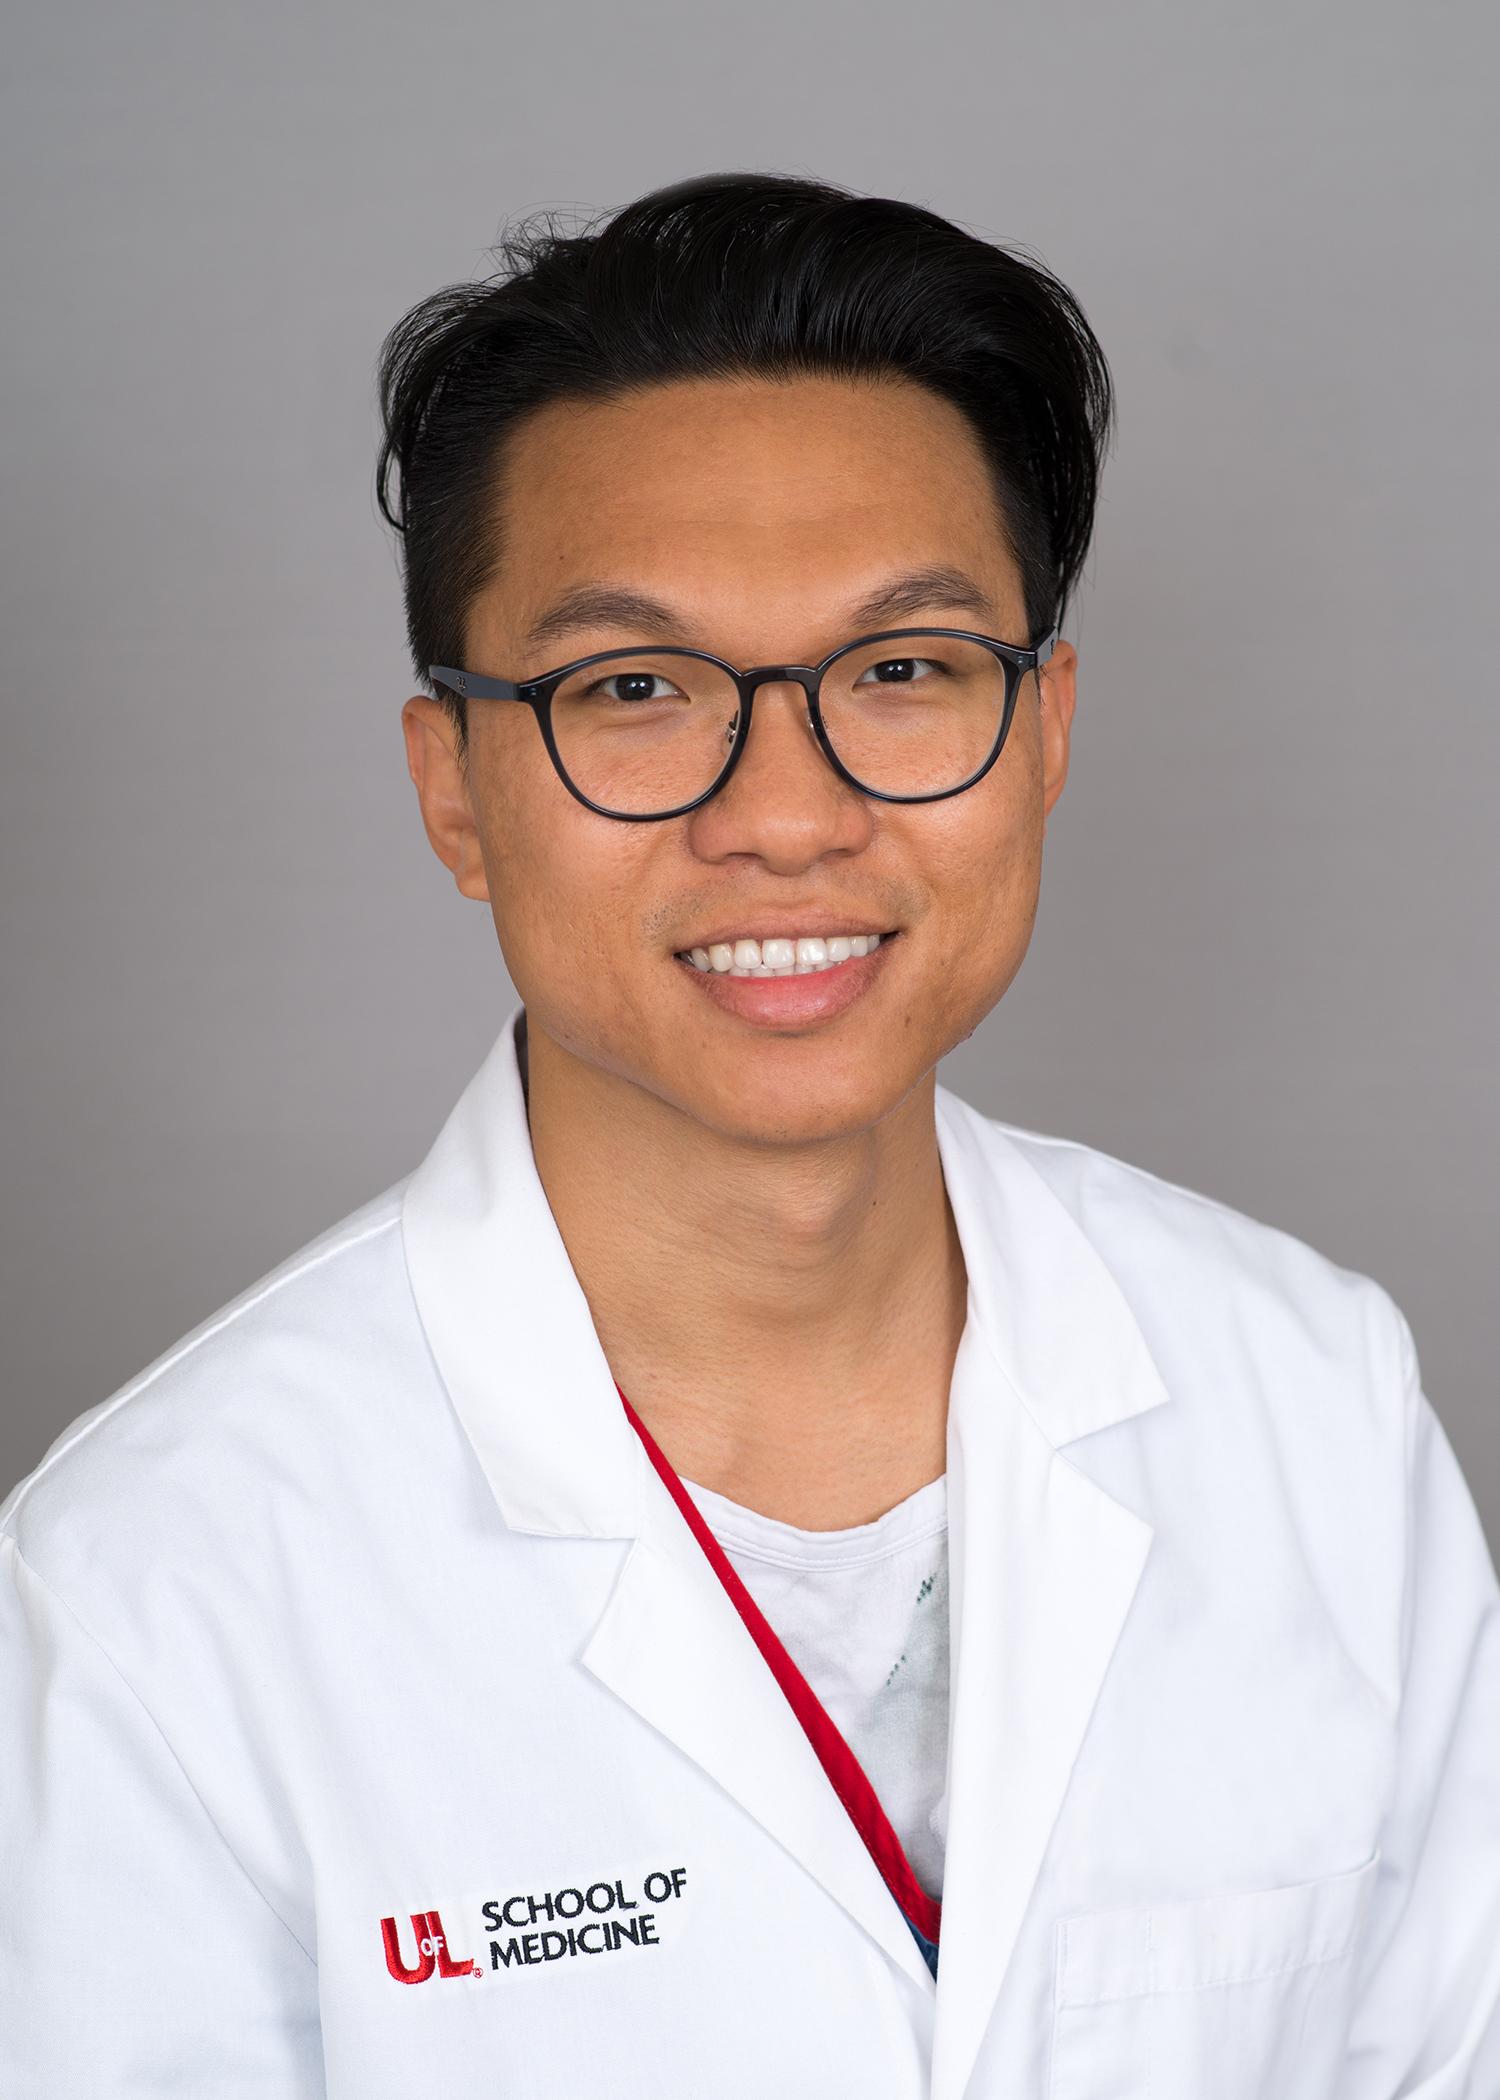 Dr. Robert Liu